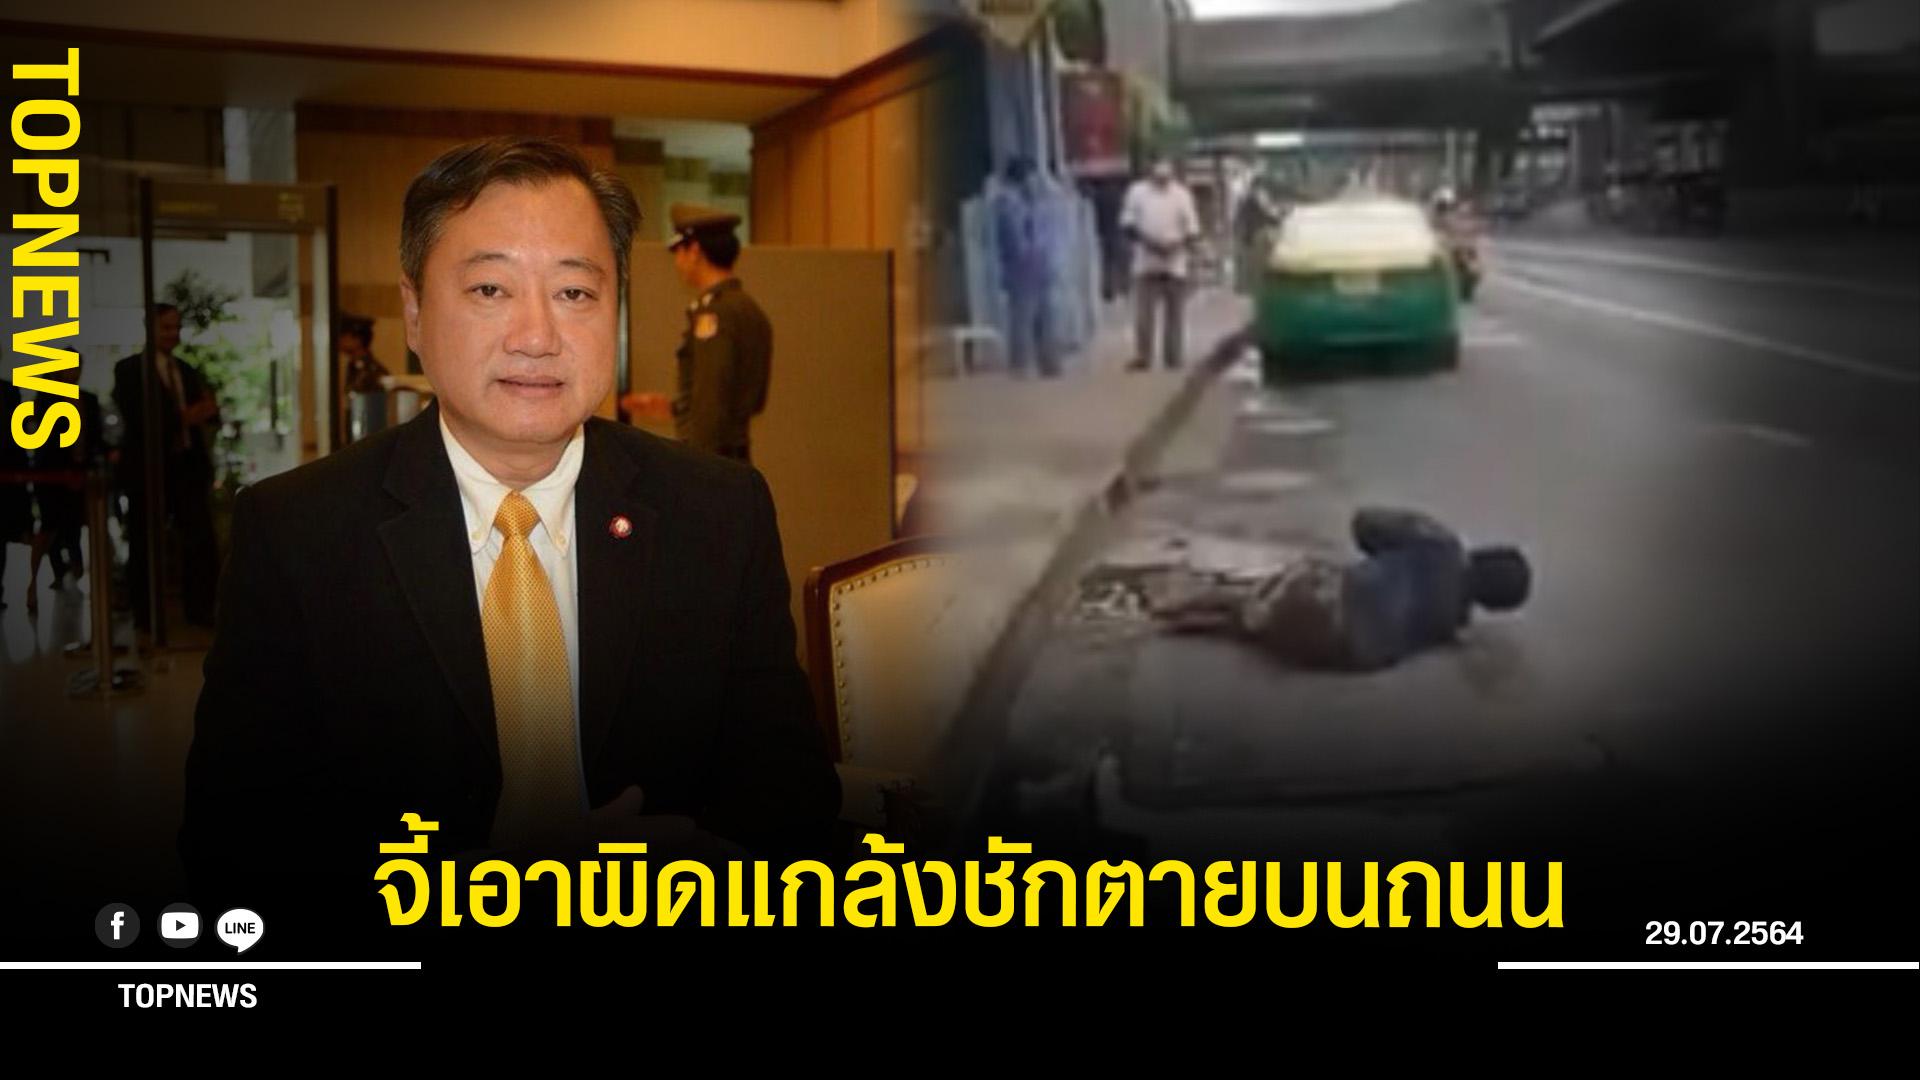 """""""สมชาย"""" จี้ ตำรวจสอบกลุ่มจัดฉากแกล้งชักตายบนท้องถนน"""